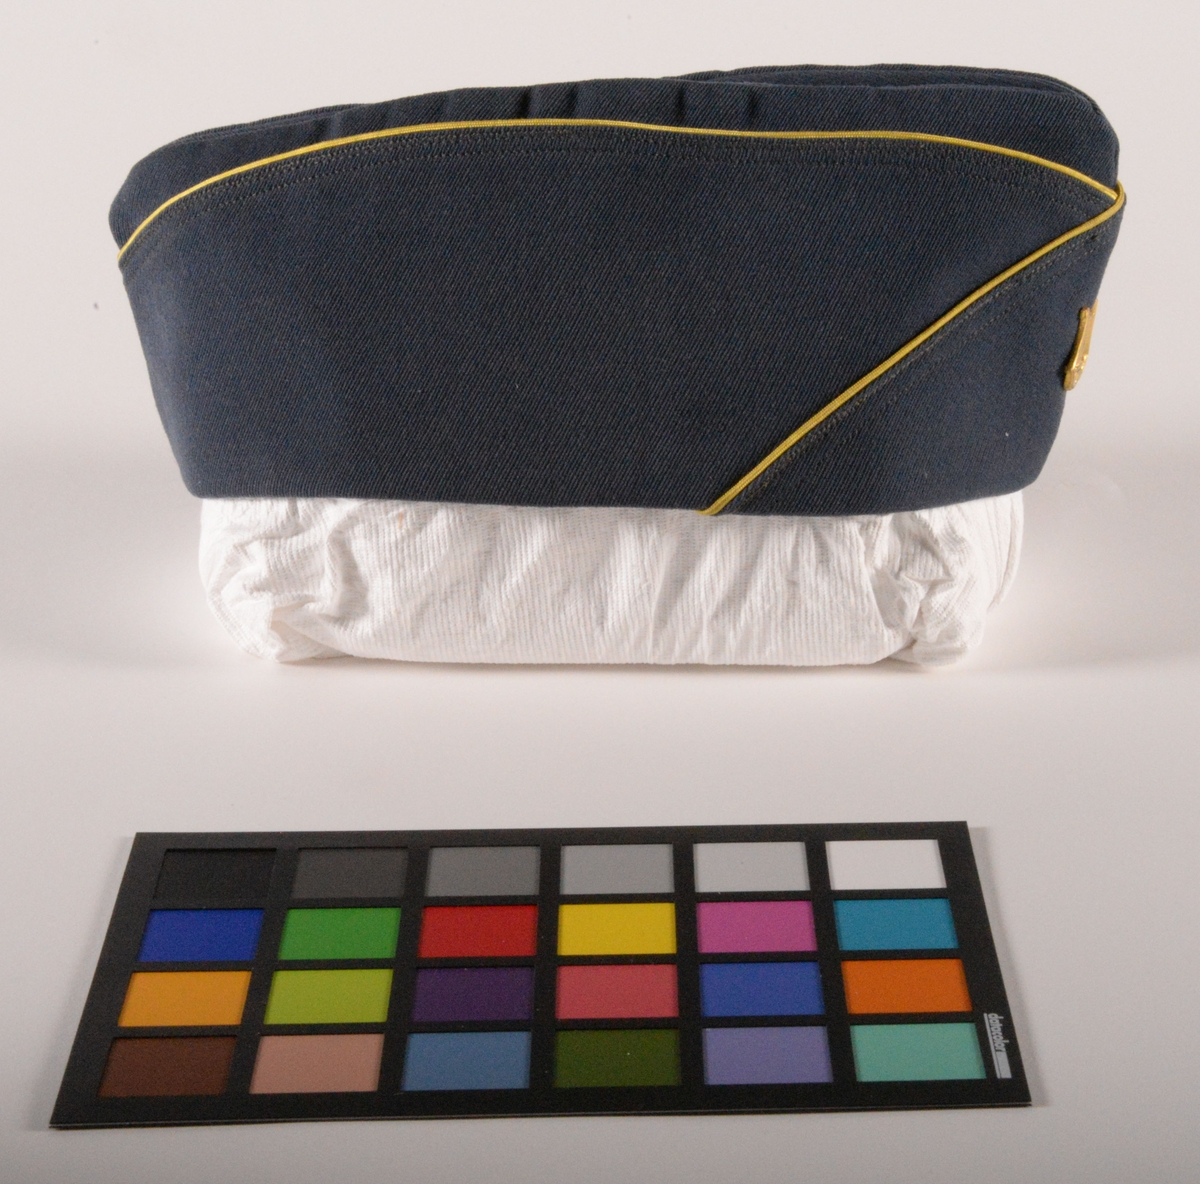 Dräkt, bestående av jacka, två par byxor, mössa, slips och väska, från kommunala musikskolans blåsorkester. Tillverkad av KABOM. Givaren spelade trumpet och valthorn och använde dräkten mellan 1964-1967.